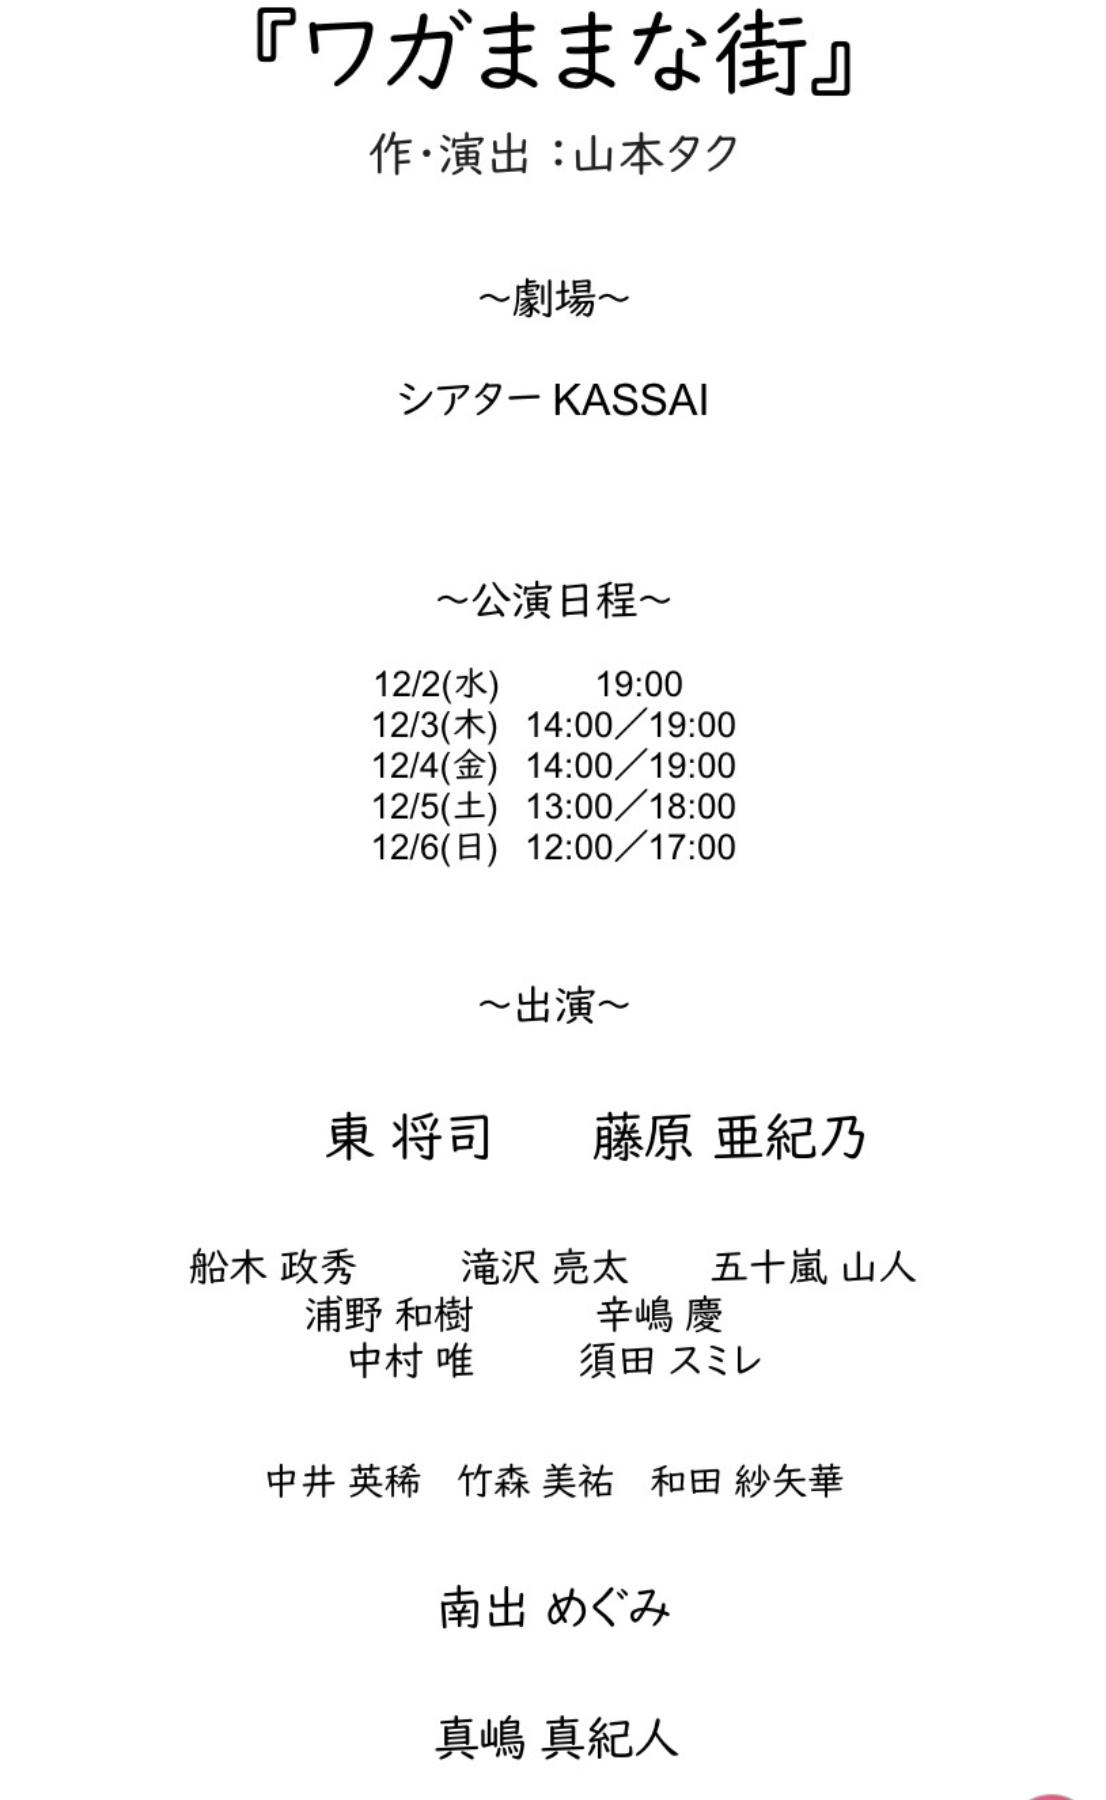 演劇企画ユニット 劇団山本屋 「9号」『ワガままな街』(アーカイブ)